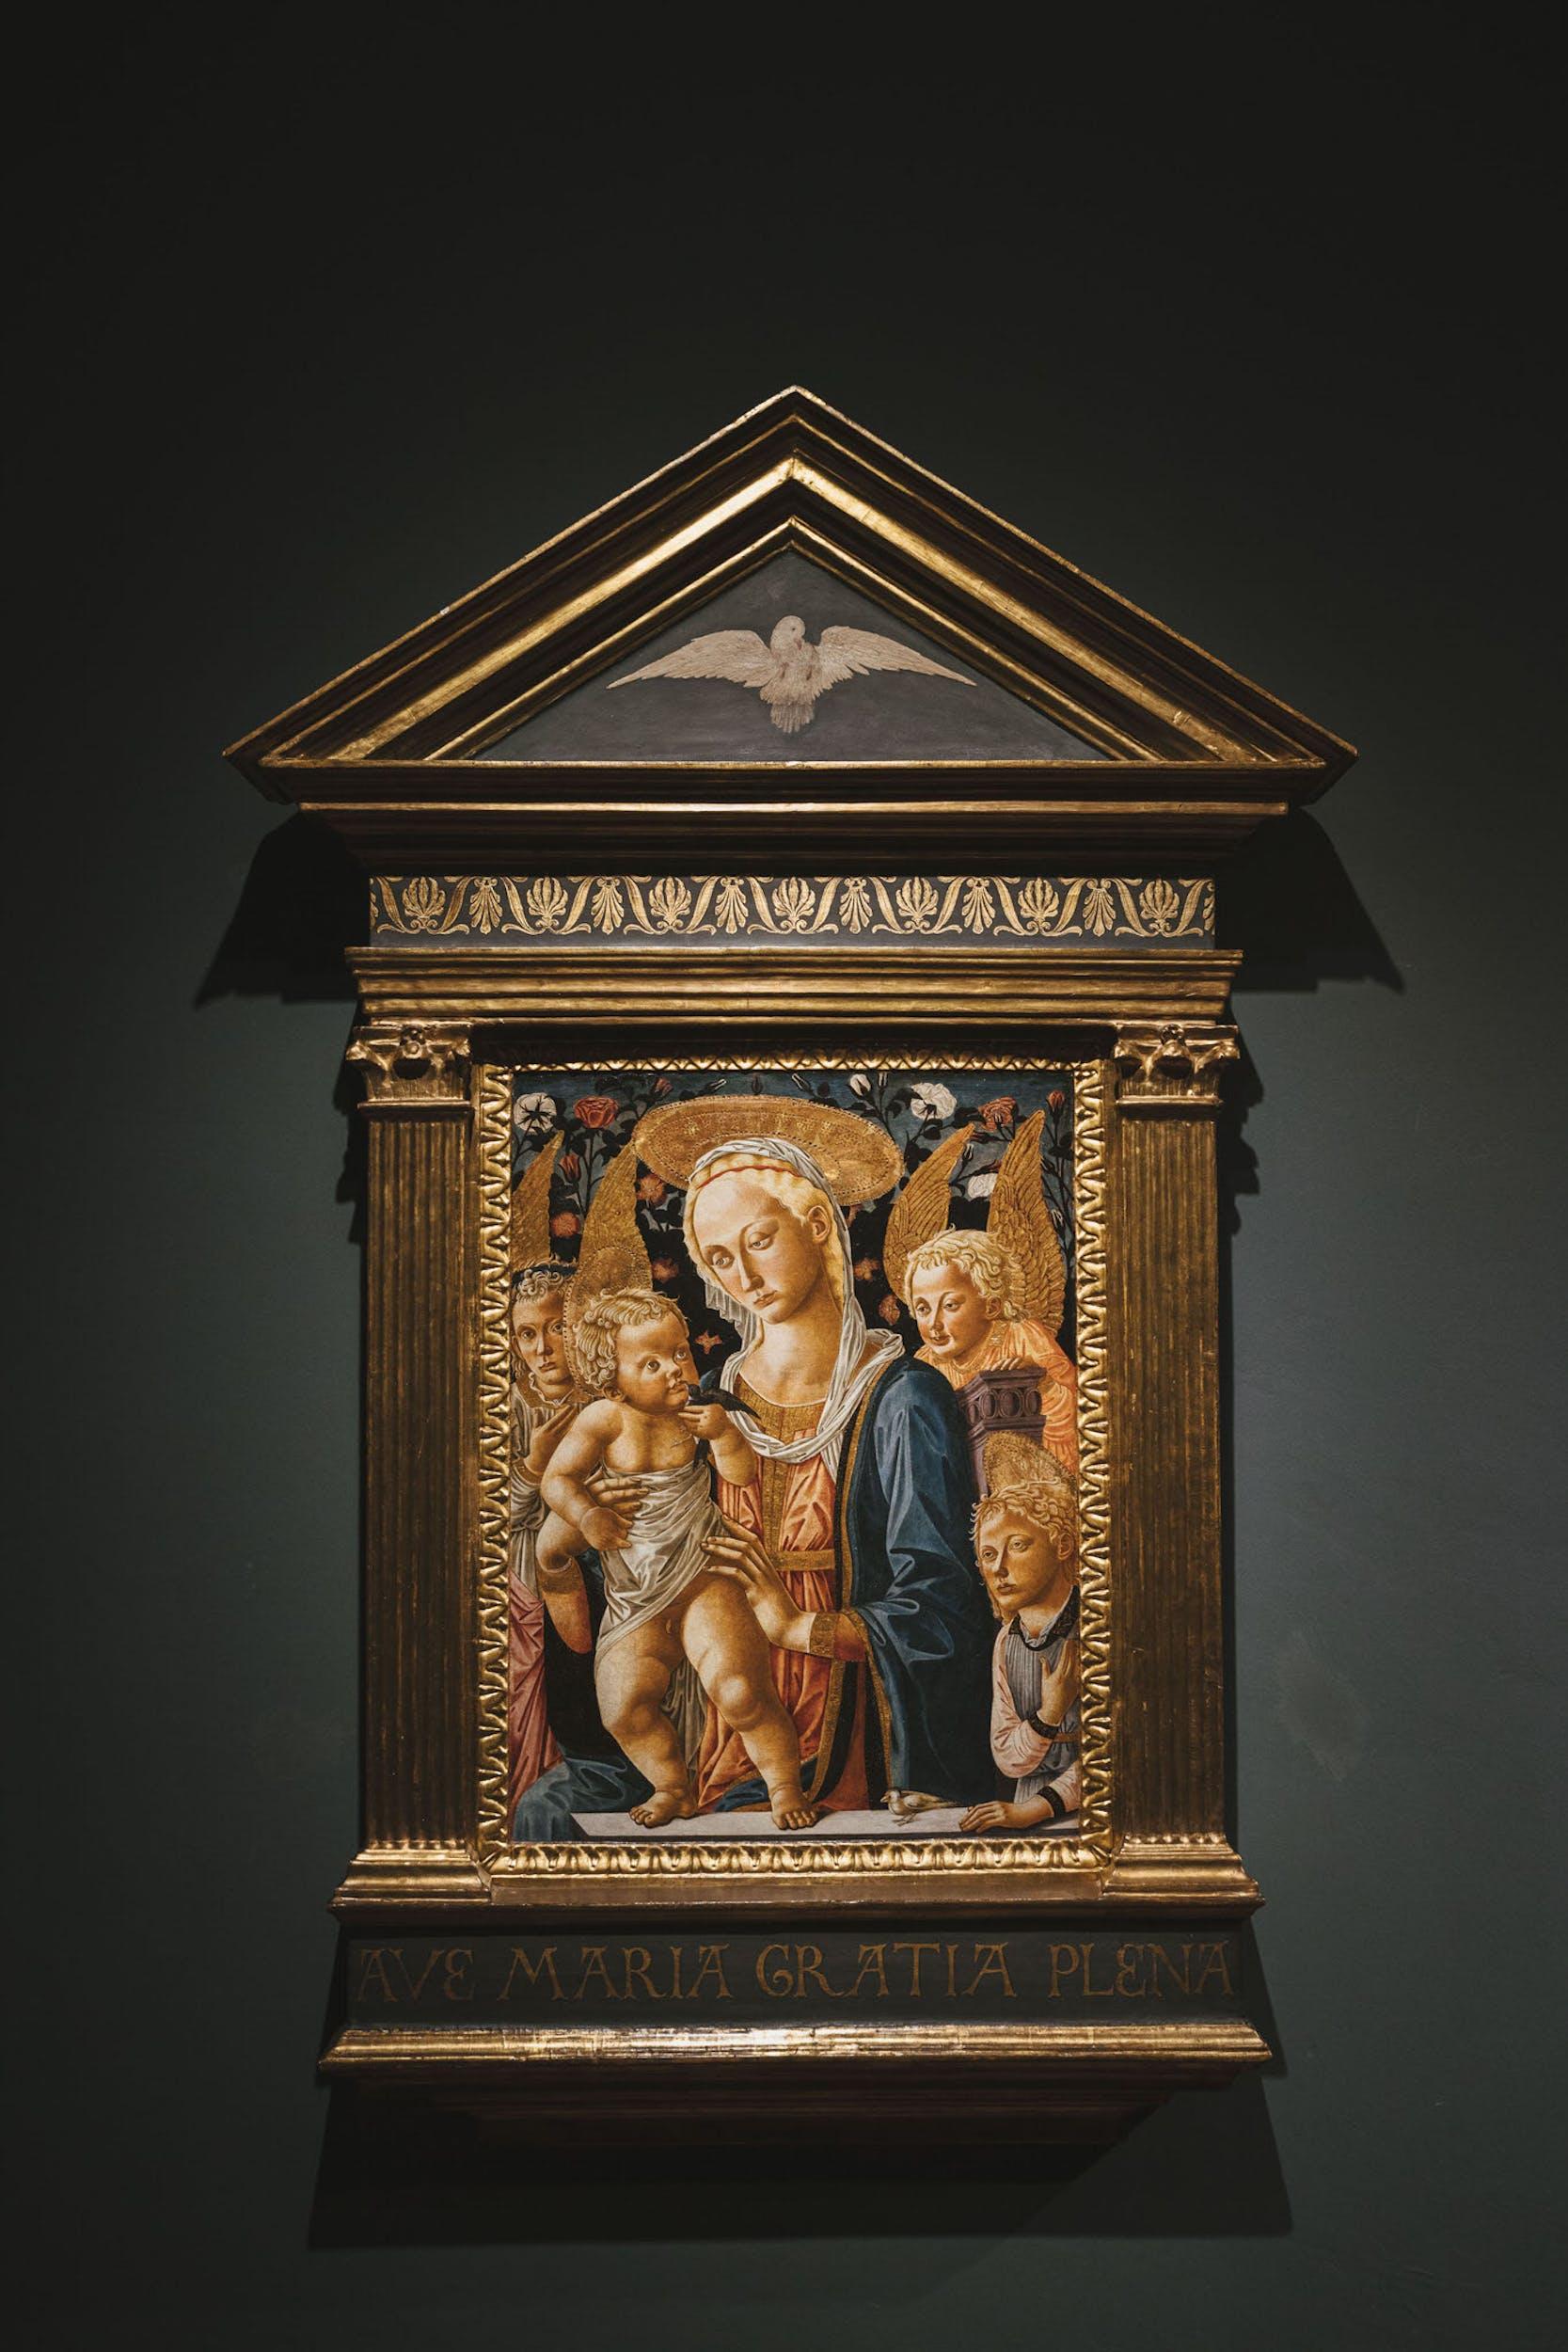 Scuola fiorentina (Pseudo Pier Francesco Fiorentino) Vergine con Bambino,1459, Tempera su tavola, Gallerie degli Uffizi